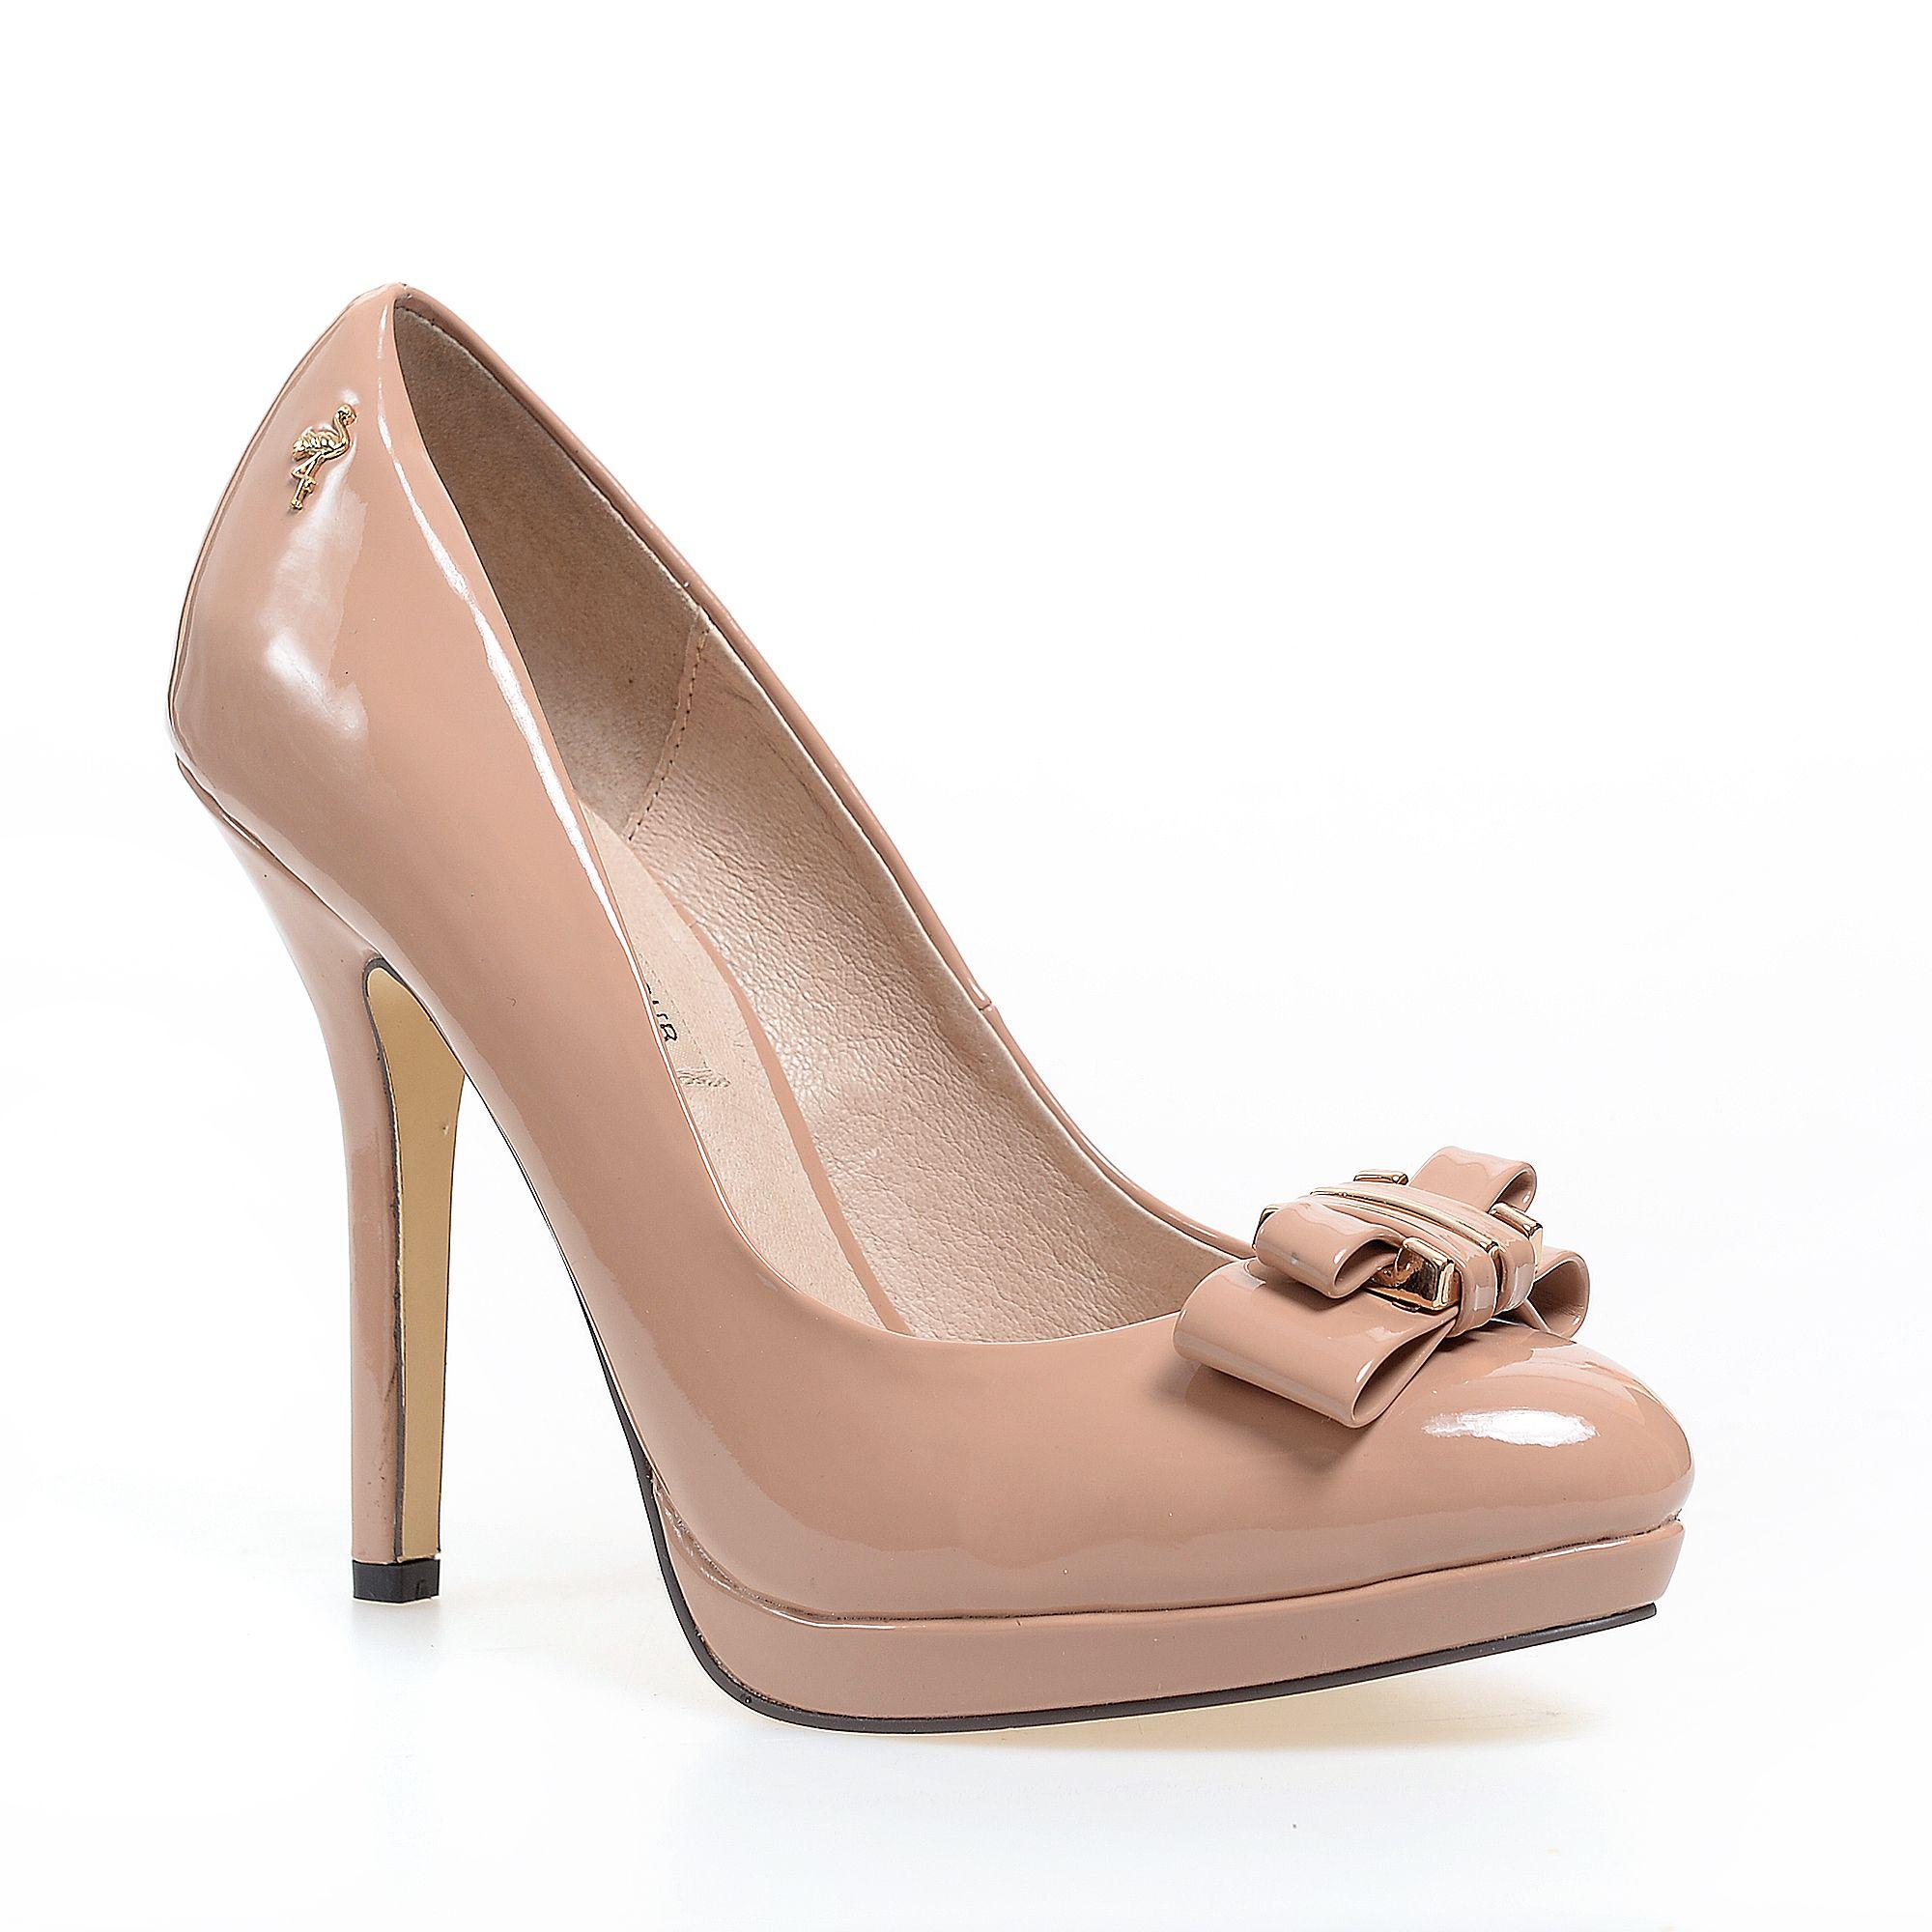 Pantofi comozi din piele intoarsa nude cu toc de 7 cm